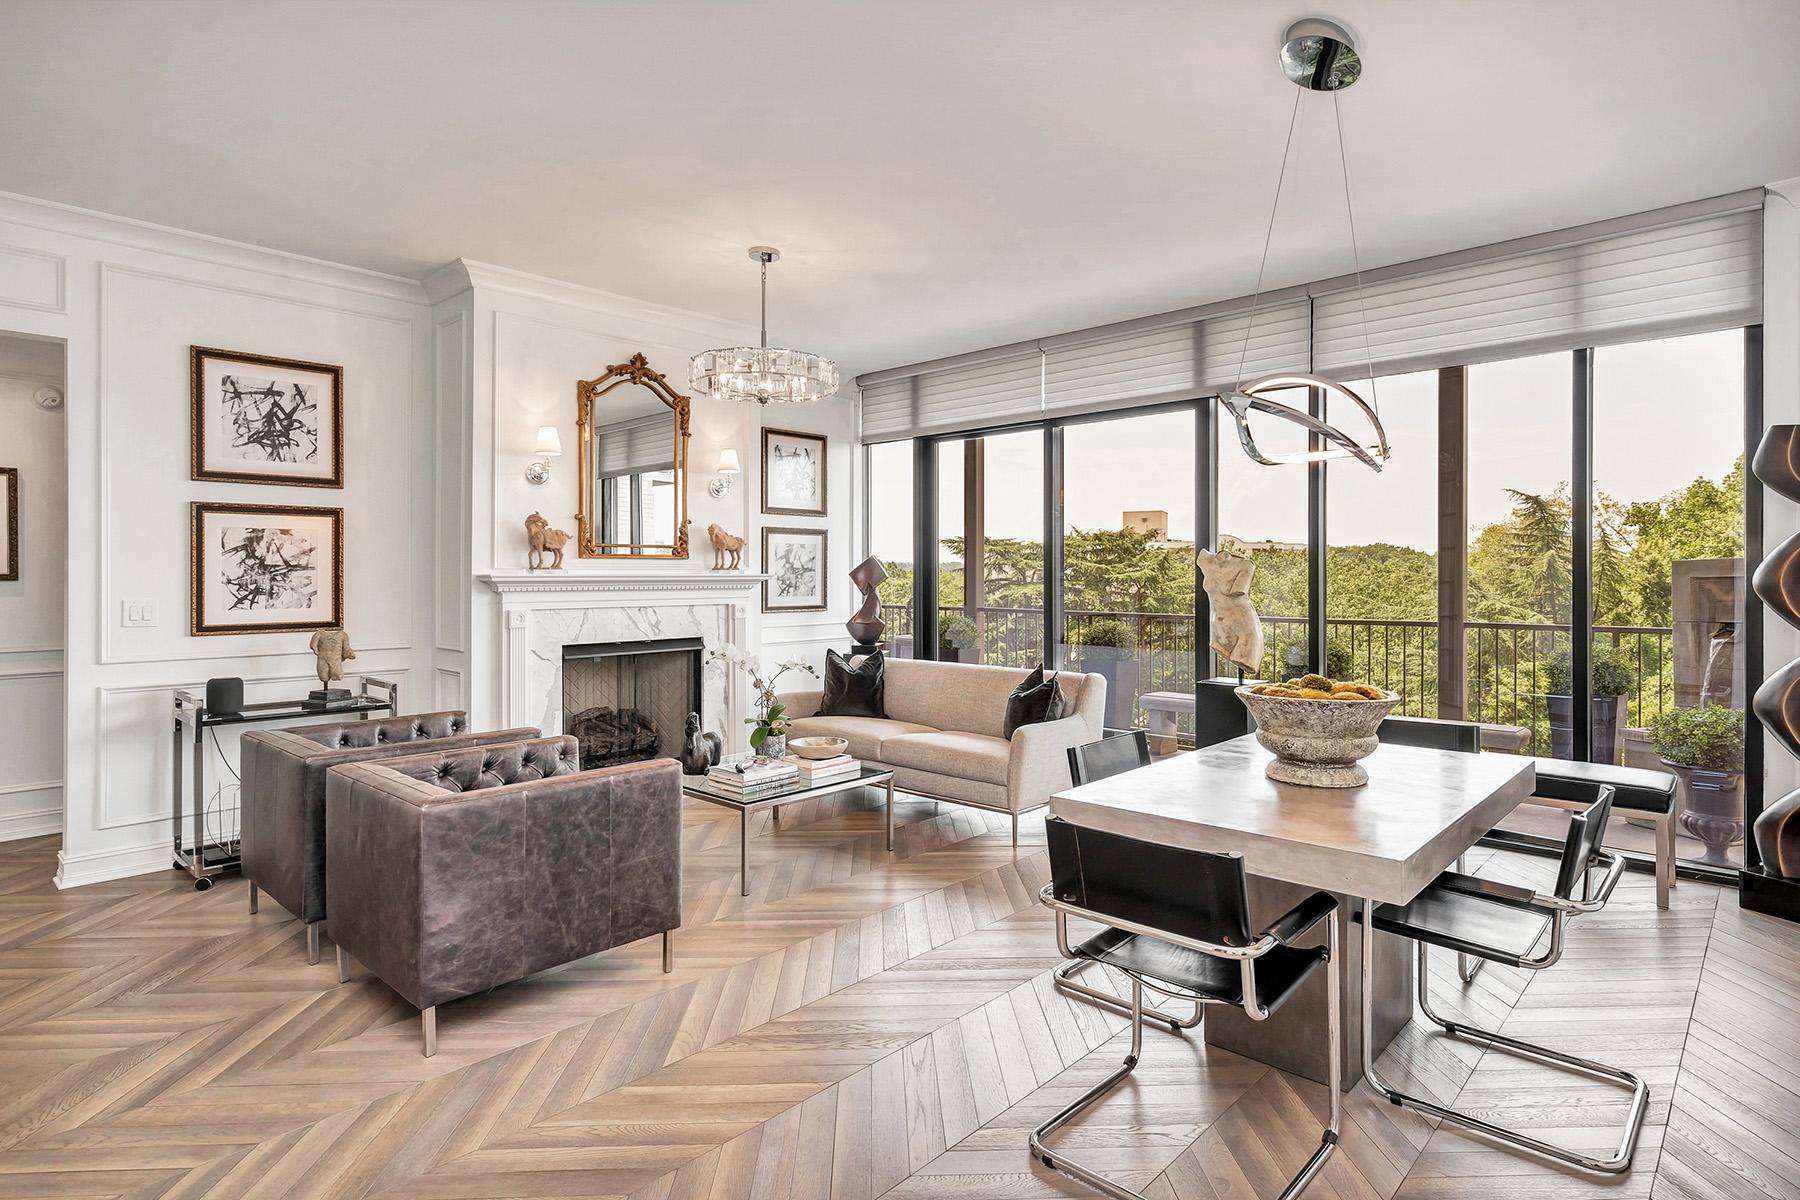 Condominiums для того Продажа на Sleek High Rise Buckhead Living 2233 Peachtree Road NE No. 603, Atlanta, Джорджия 30309 Соединенные Штаты